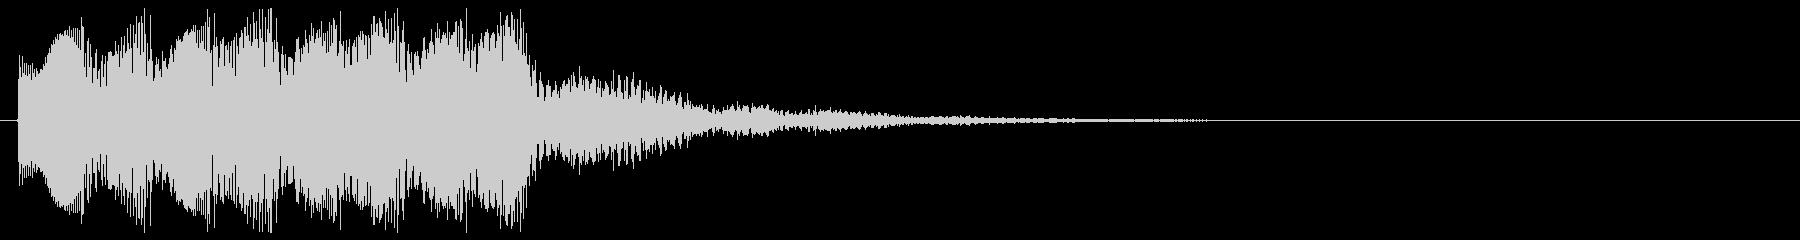 エレクトリックなピアノ アラート 注意の未再生の波形